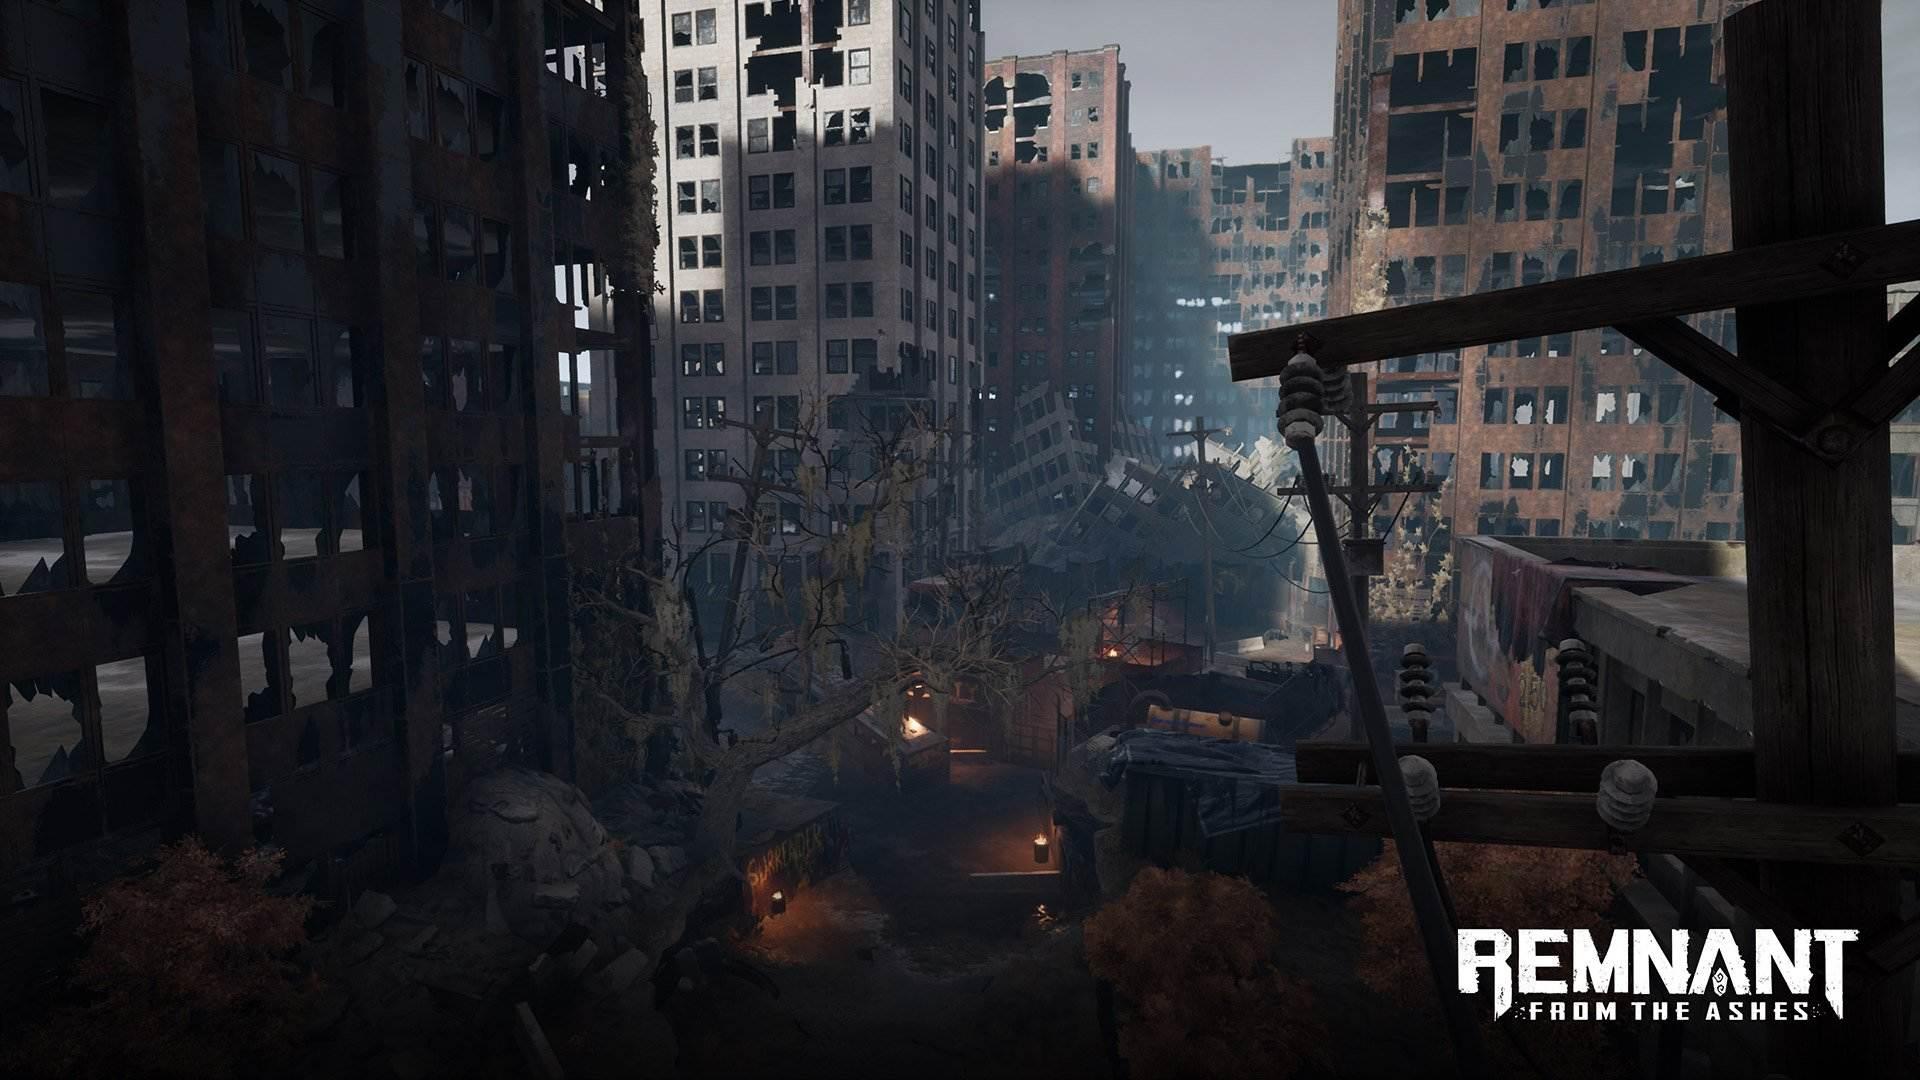 Remnant From the Ashes: Neuer Trailer zum Koop-Horror-Survival der Darksiders Entwickler   Trippy Leaks